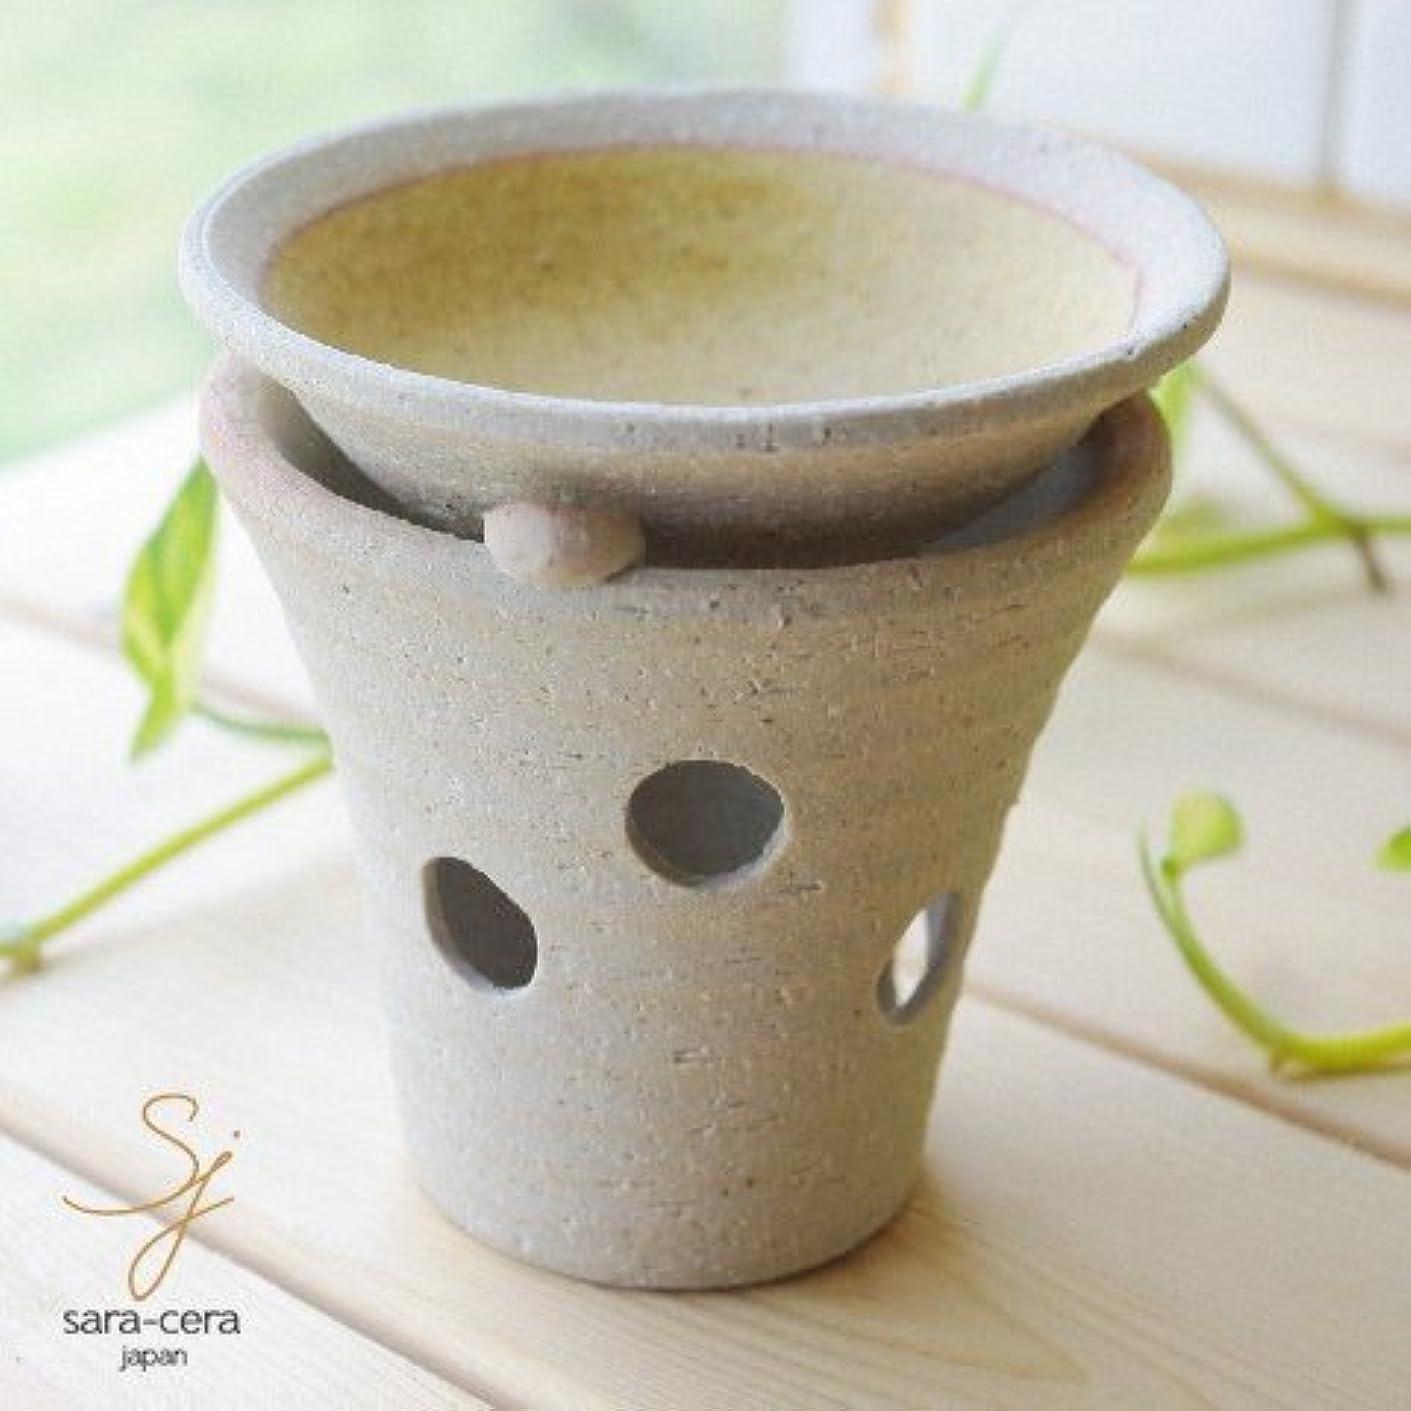 松助窯 手作り茶香炉セット 黄釉 イエロー アロマ 和食器 リビング